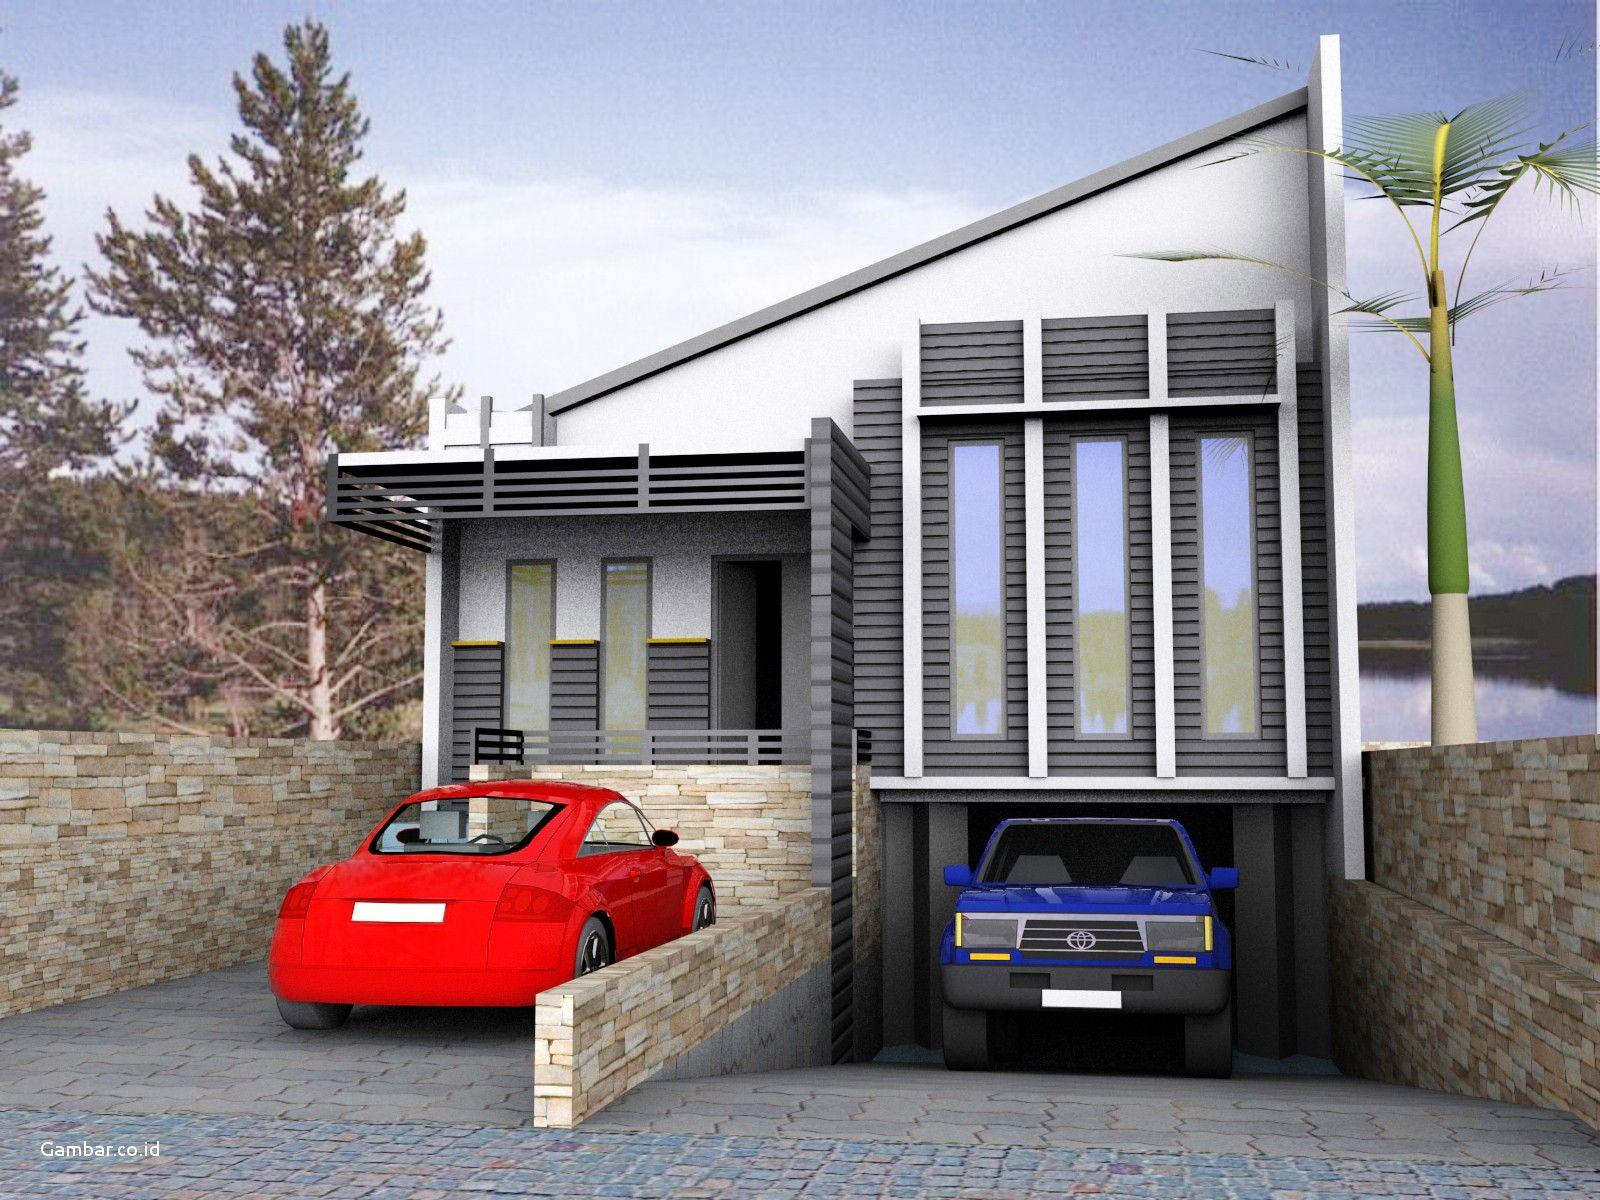 Desain Rumah Dibawah Jalan Desain Rumah Rumah Desain